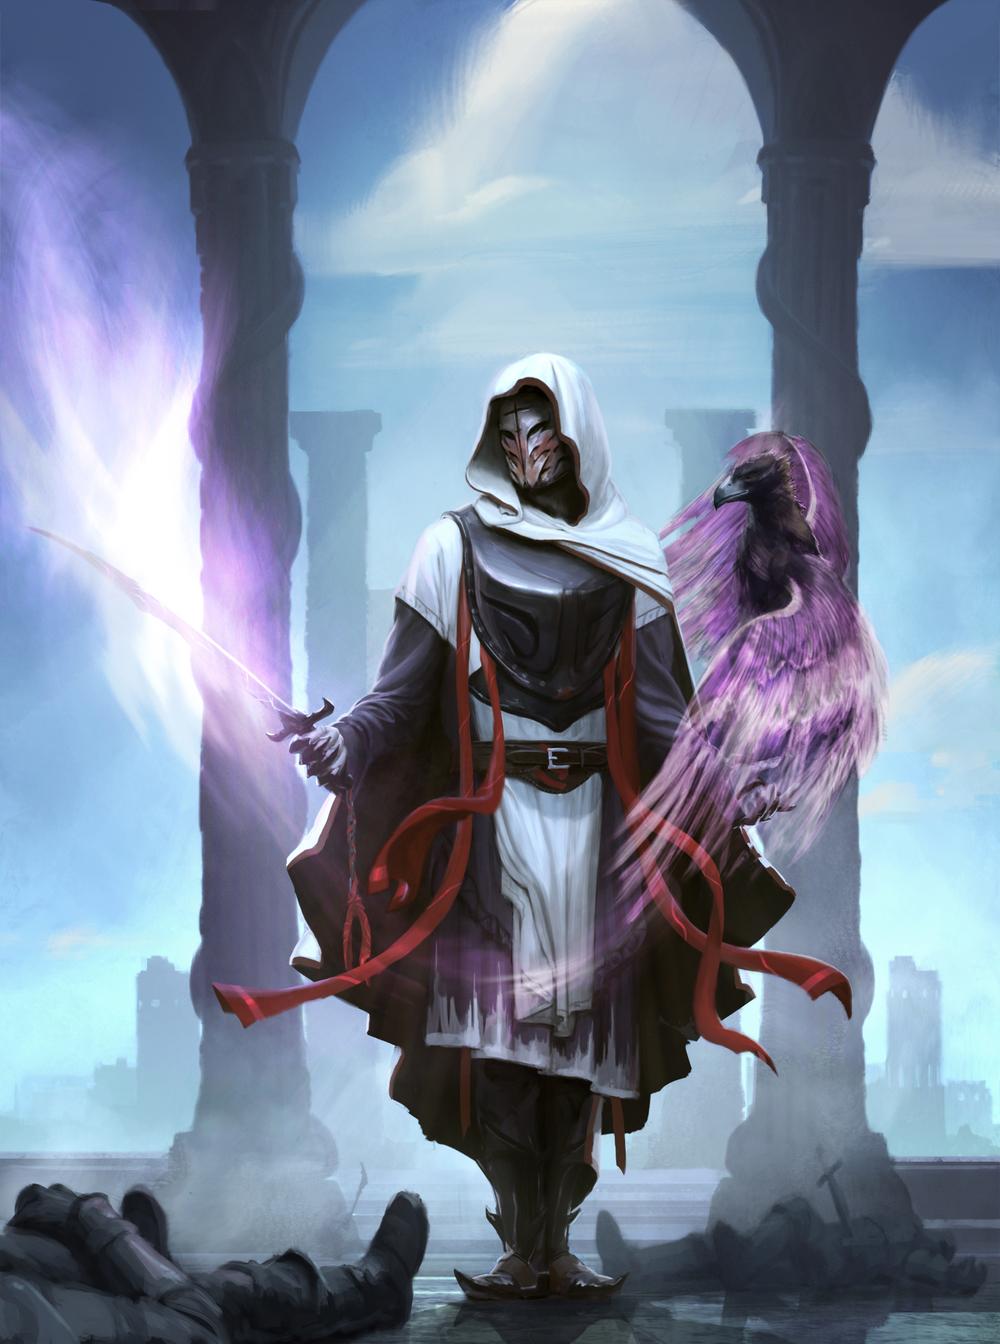 Spirit_summonerer.jpg